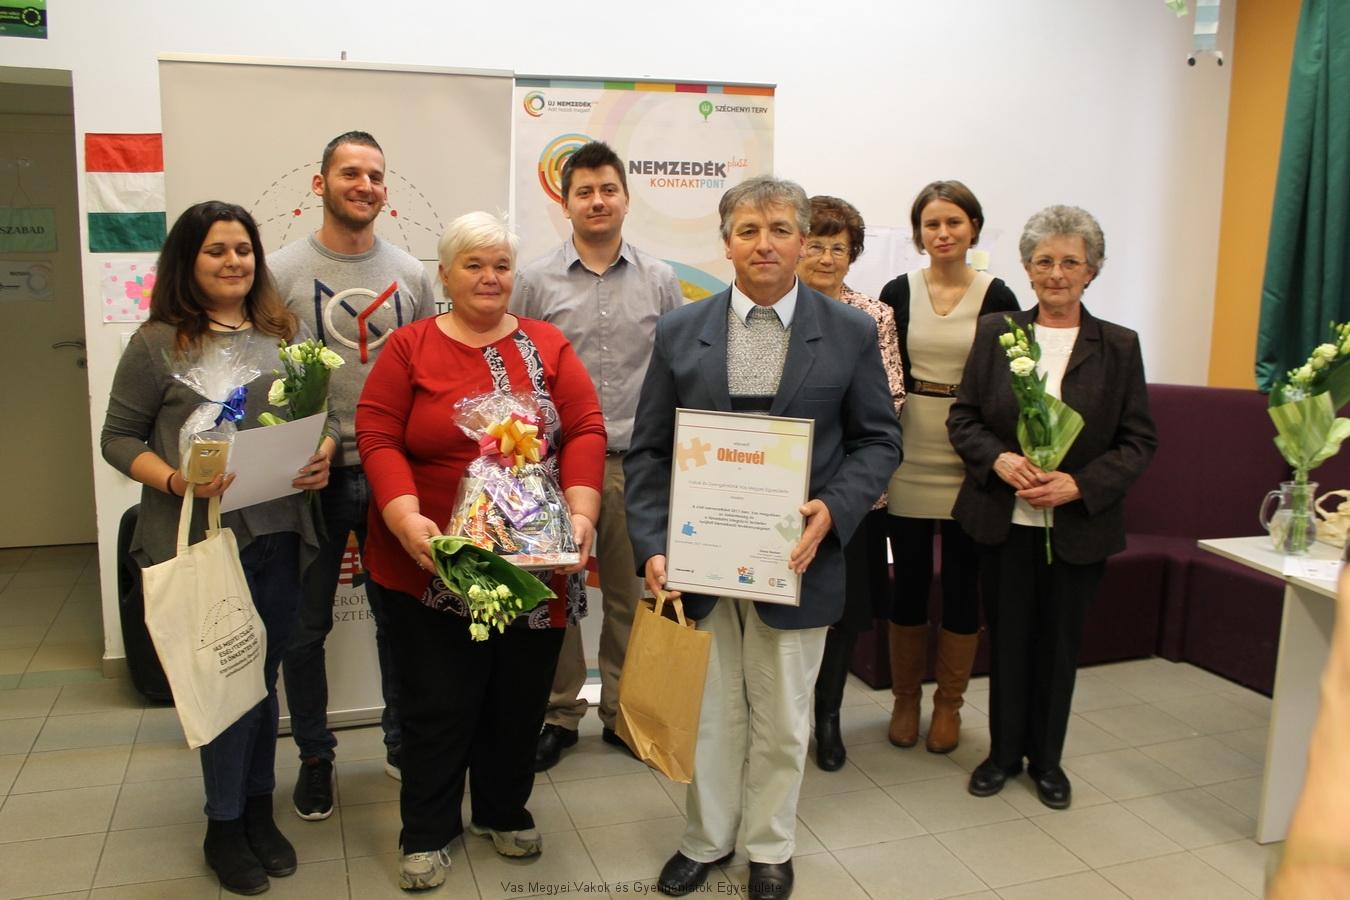 A díjat 5 magánszemély és Egyesületünk kapta az idén. Csoport kép a díjazottakkal és a díjátadókkal.